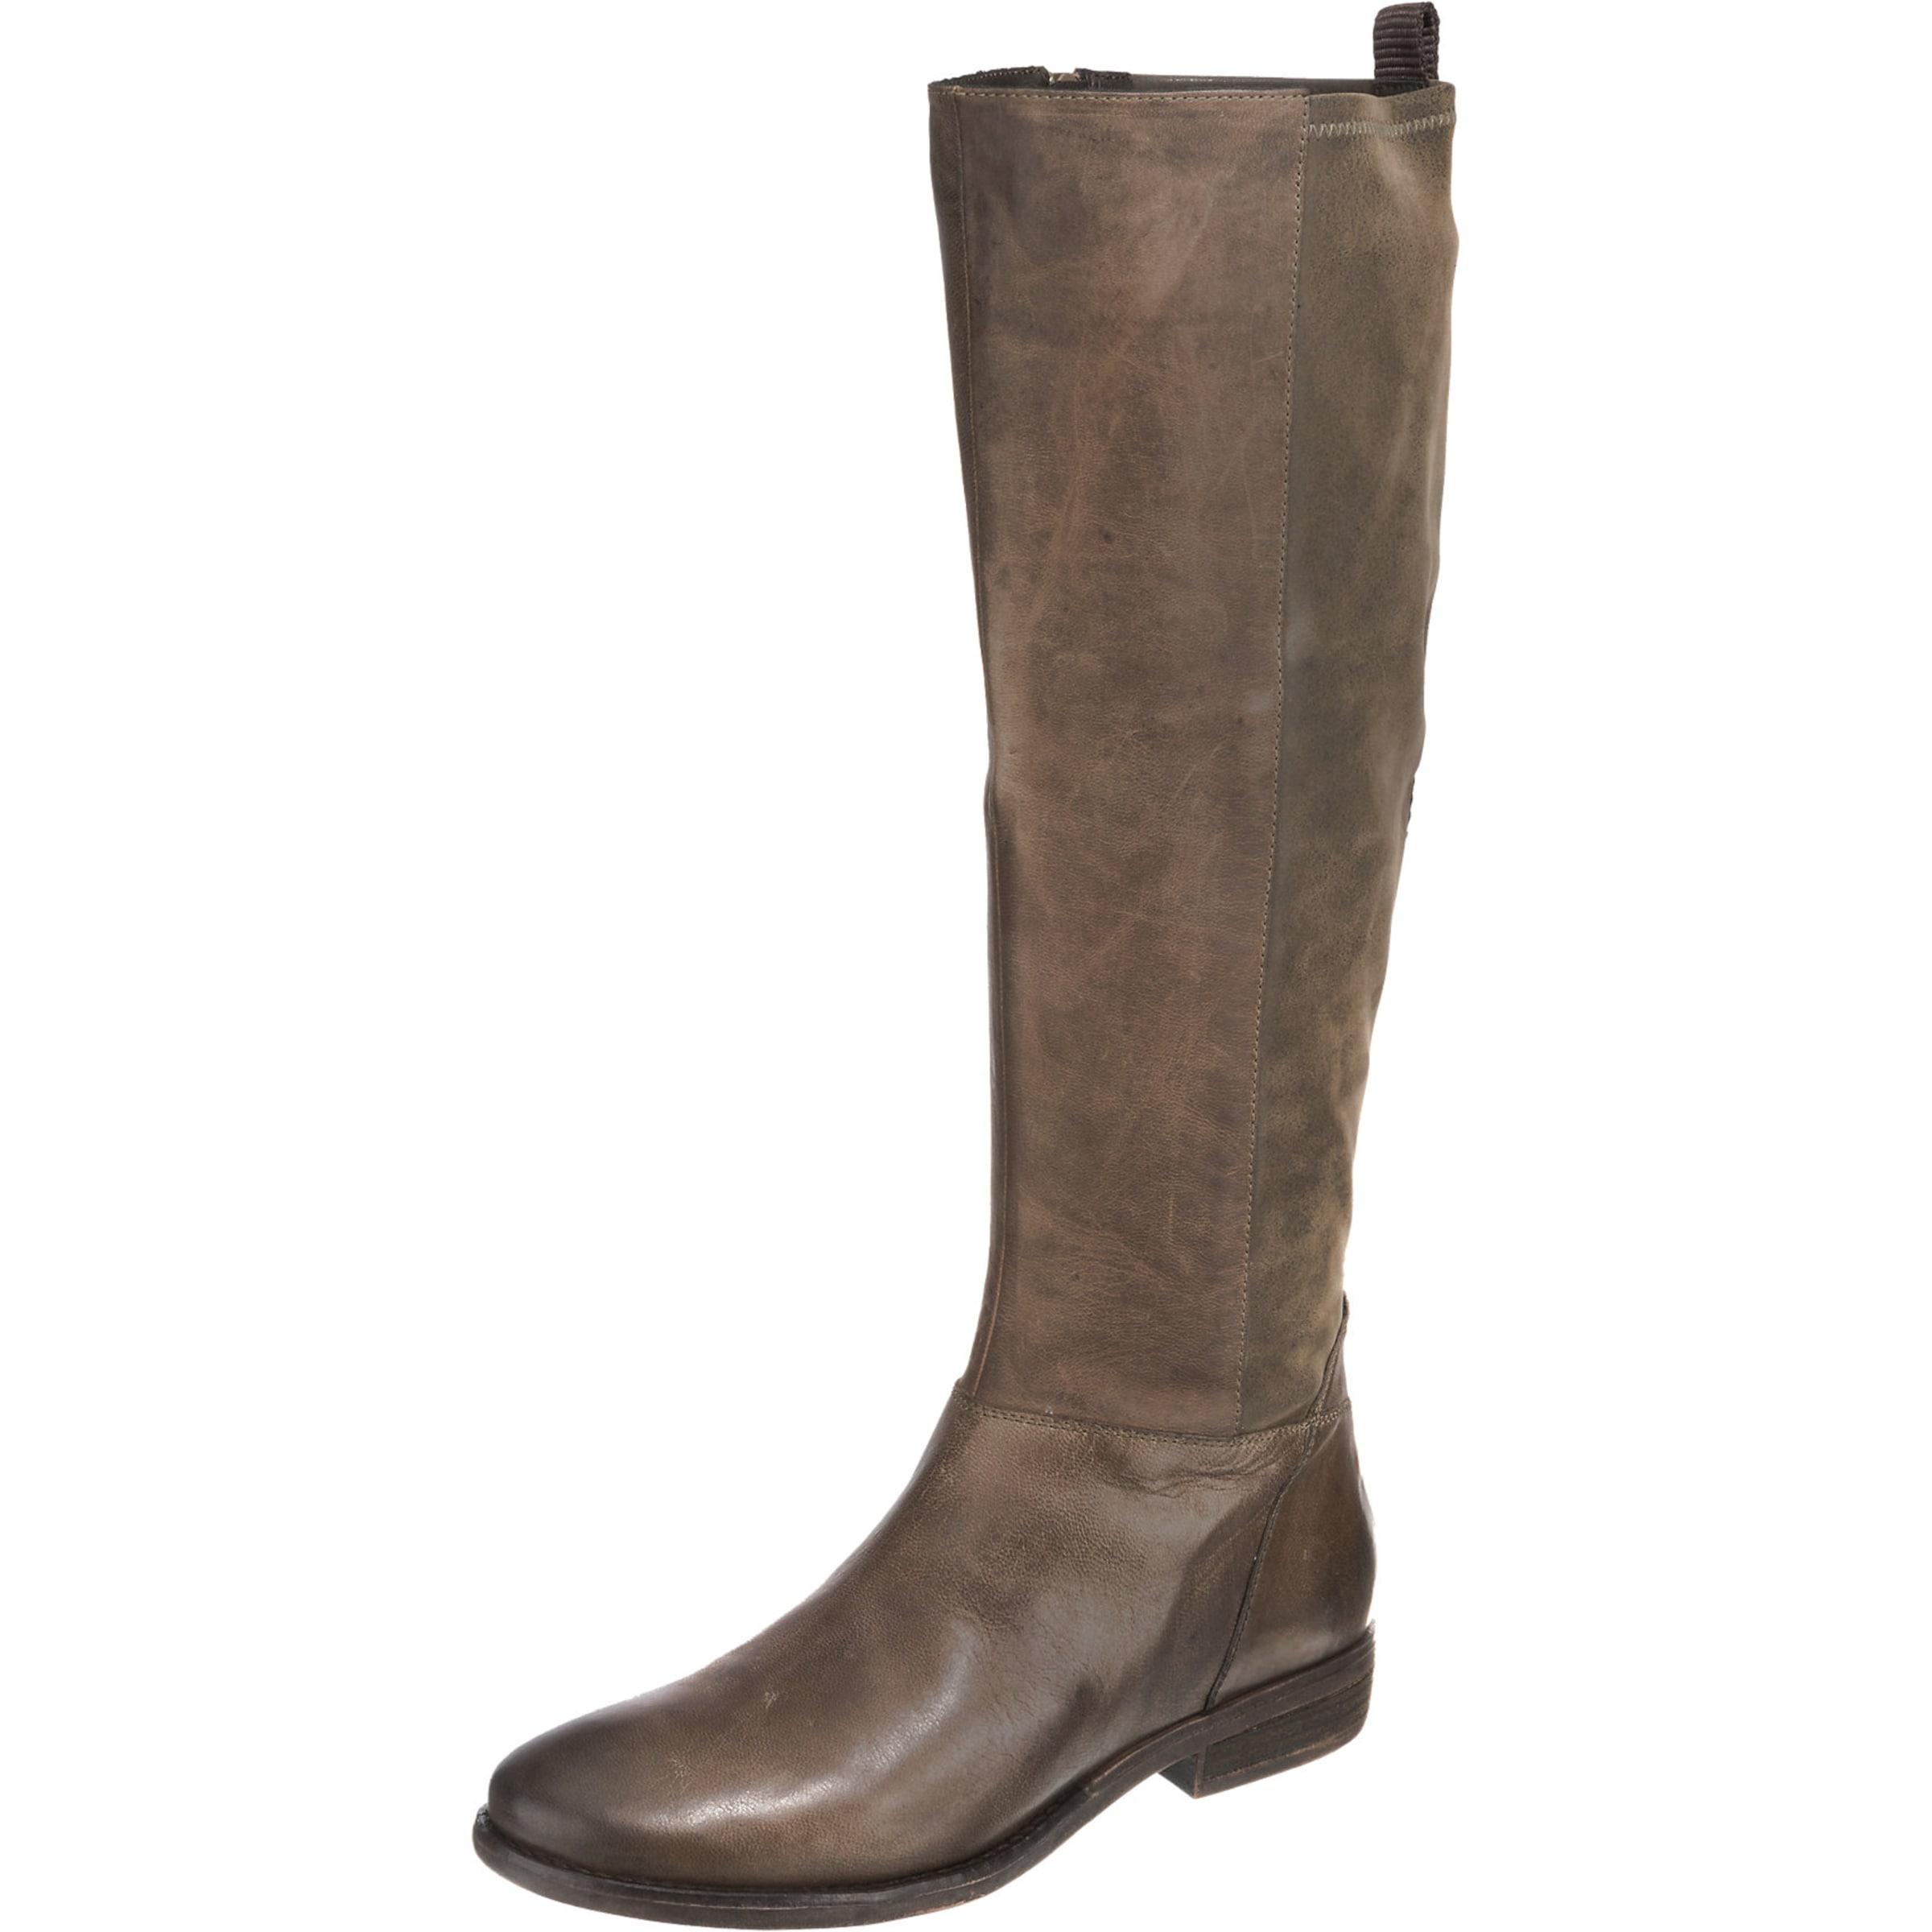 SPM Coralie Stiefel Verschleißfeste billige Schuhe